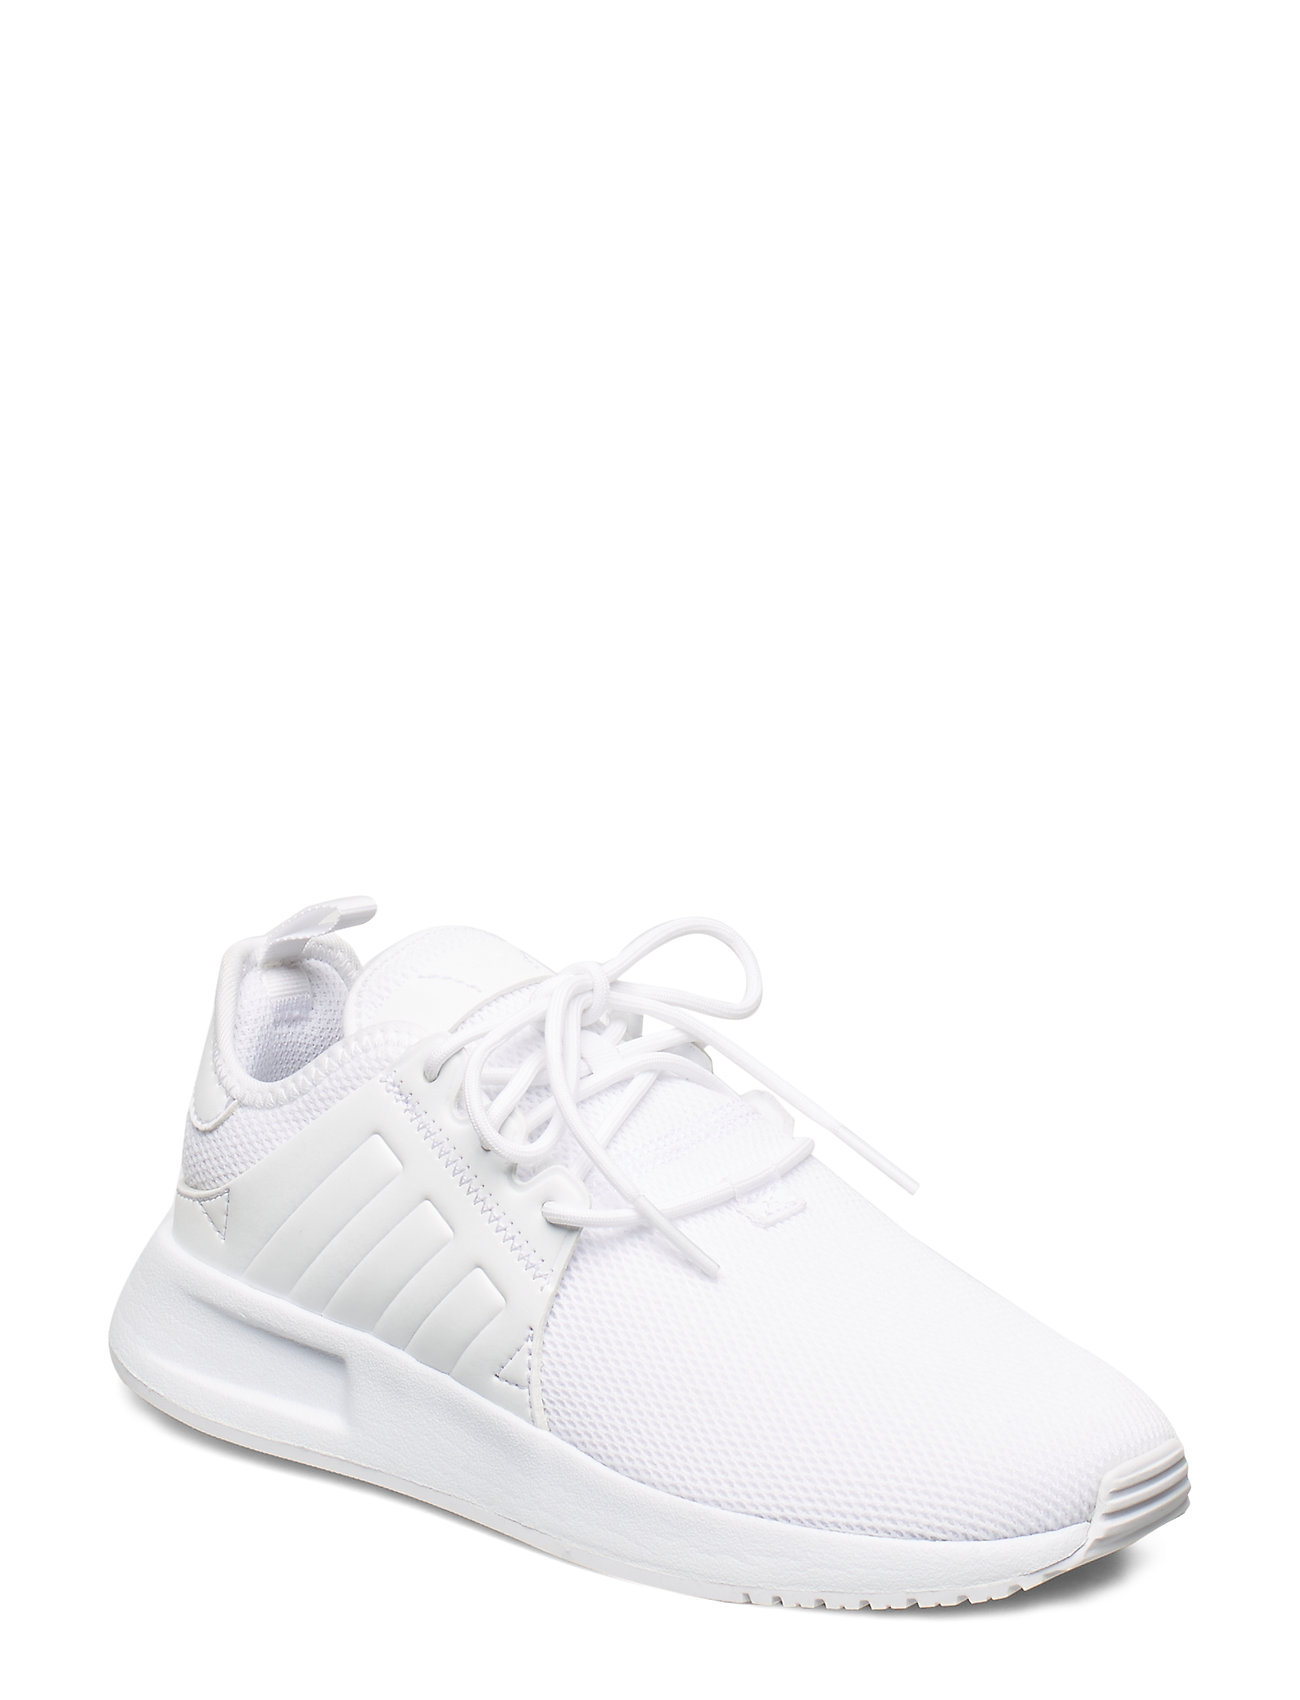 adidas Originals X_PLR C - FTWWHT/FTWWHT/FTWWHT